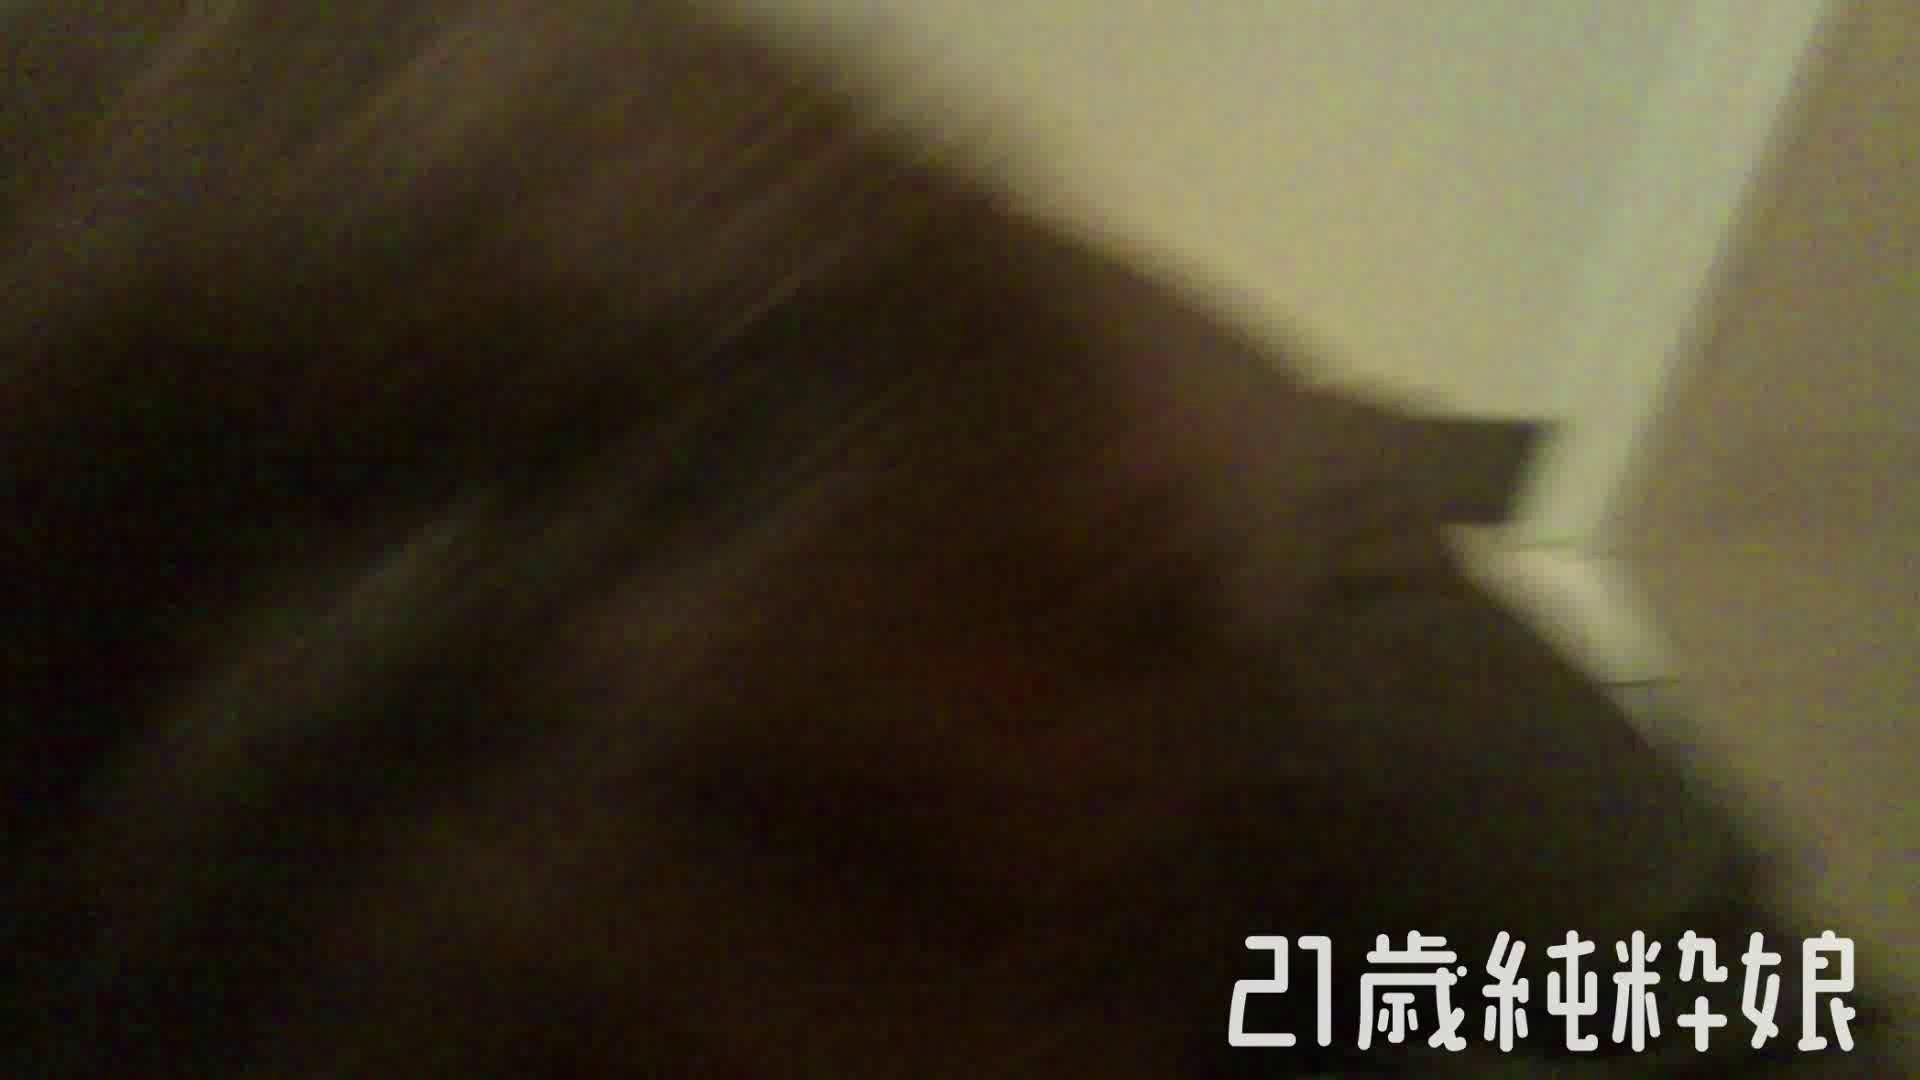 Gカップ21歳純粋嬢第2弾Vol.5 OL | 学校  75連発 46